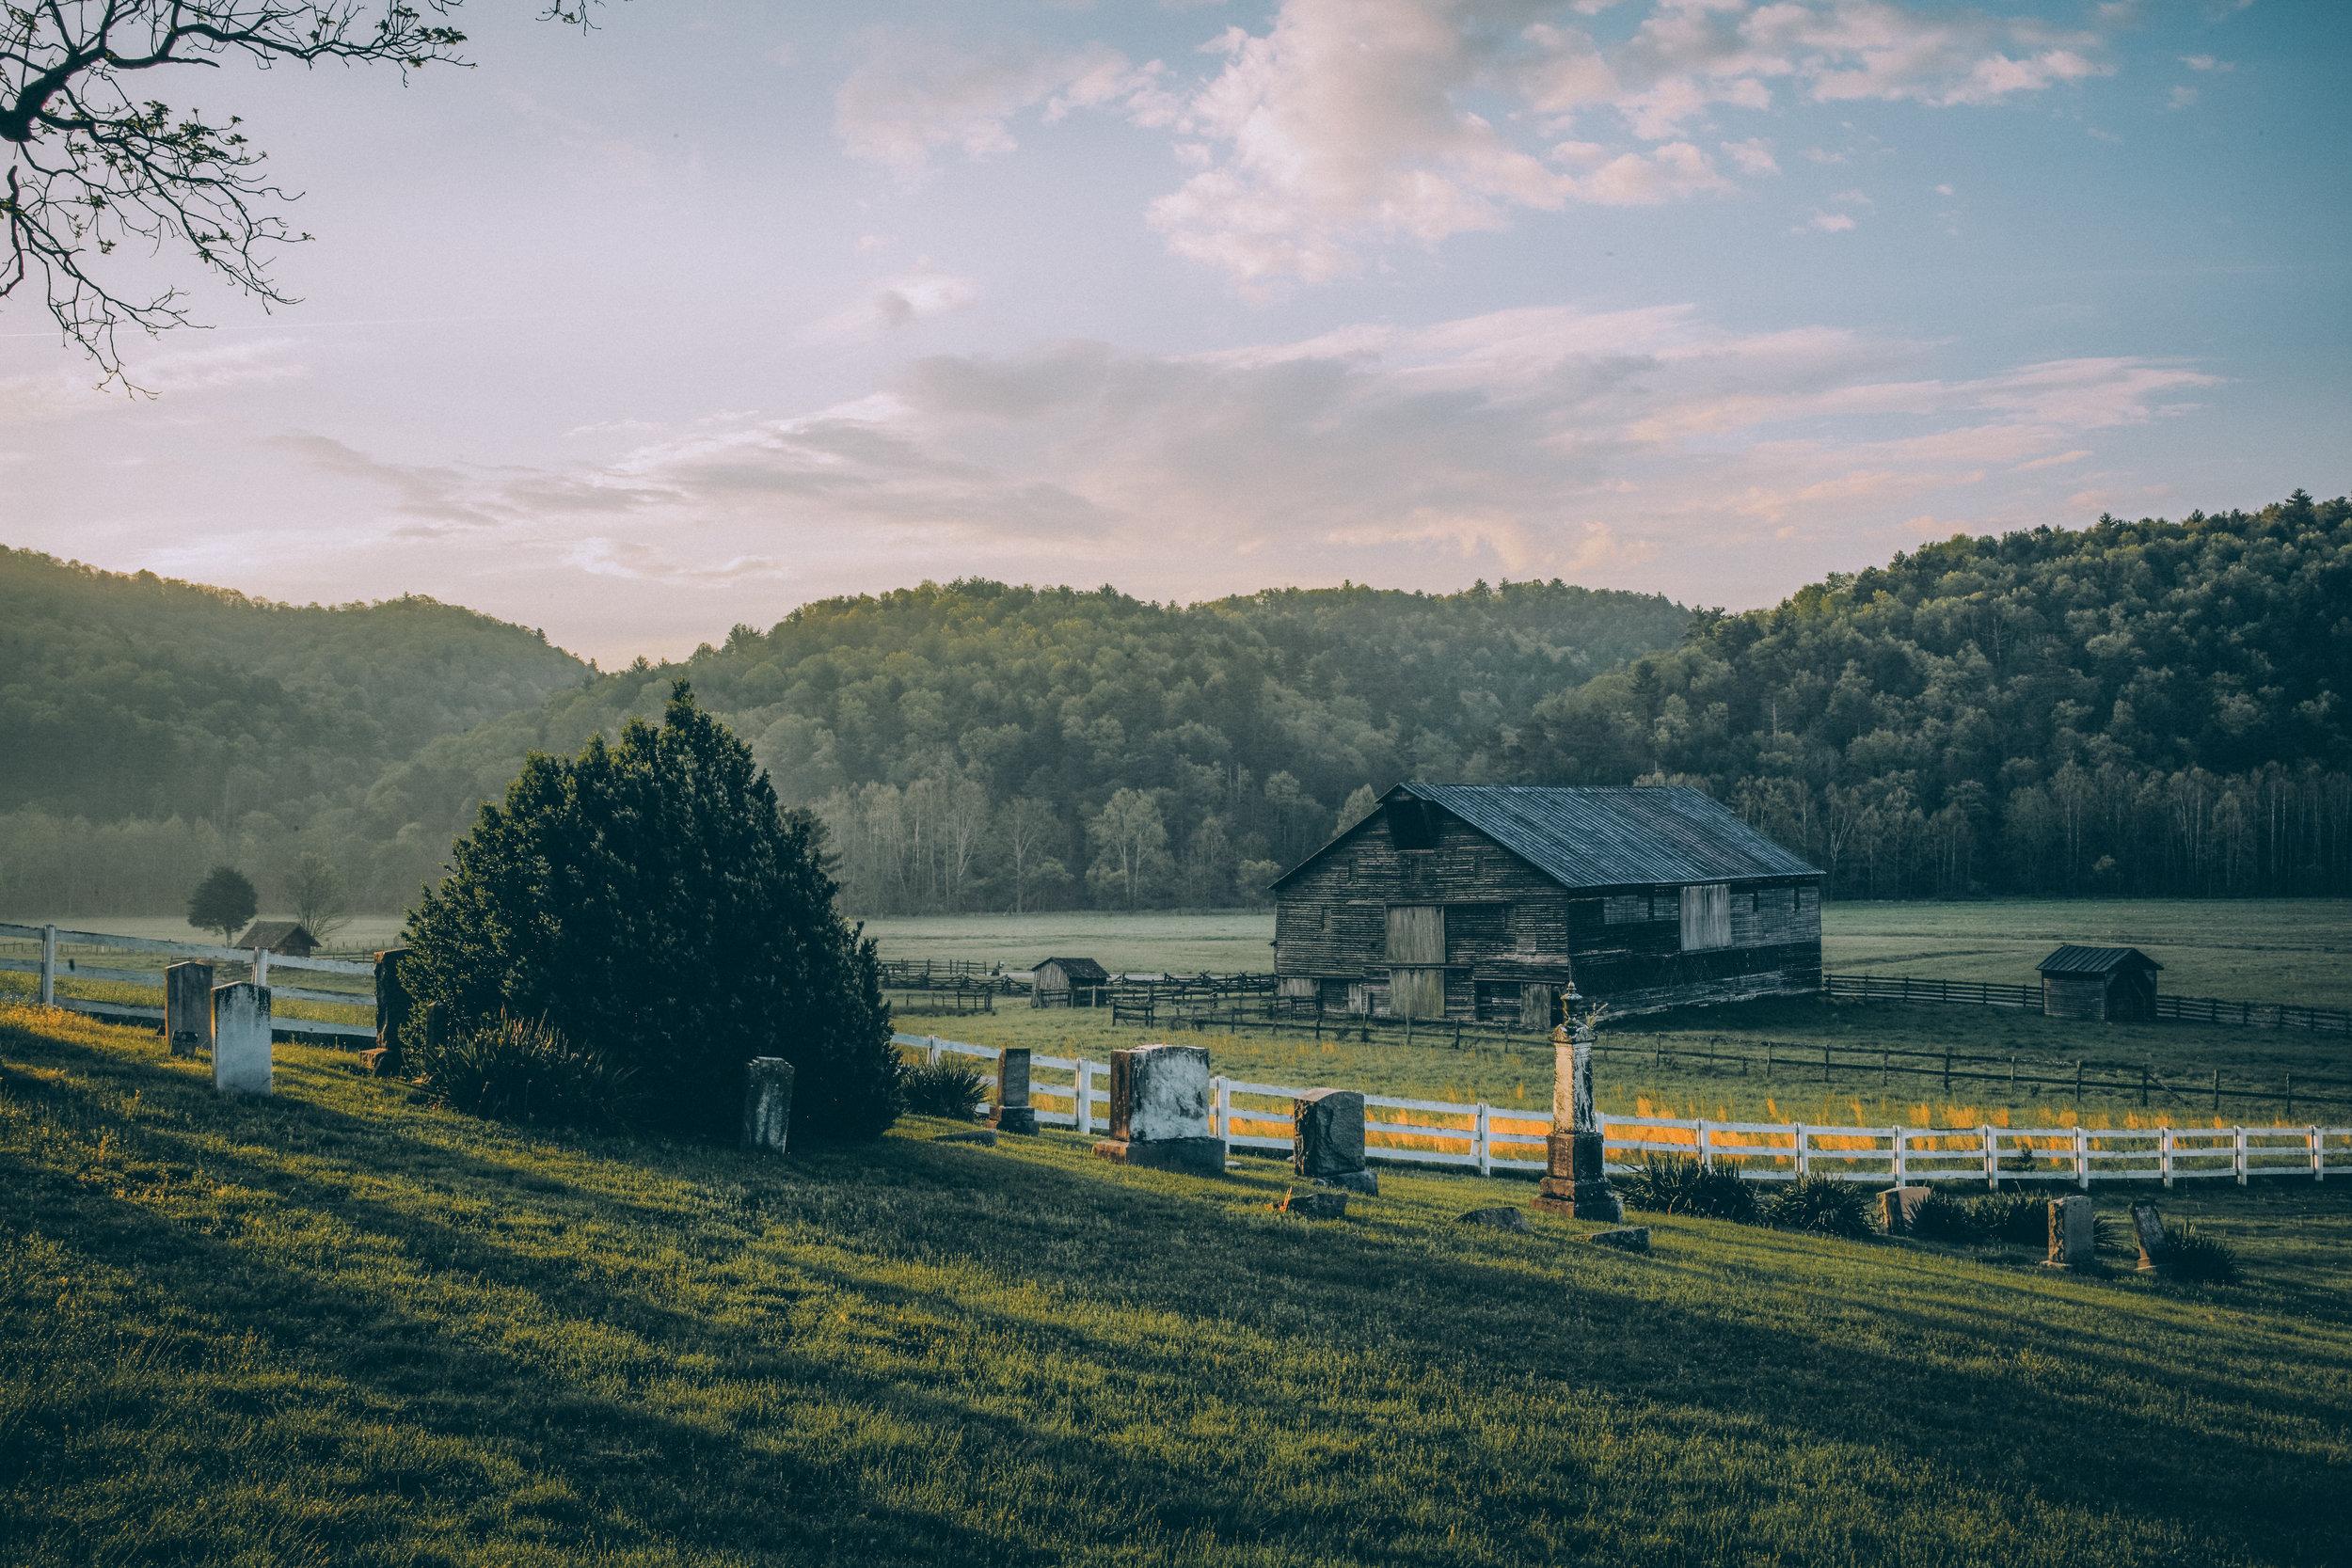 kw-abandoned-rural-virginia-img10.jpg